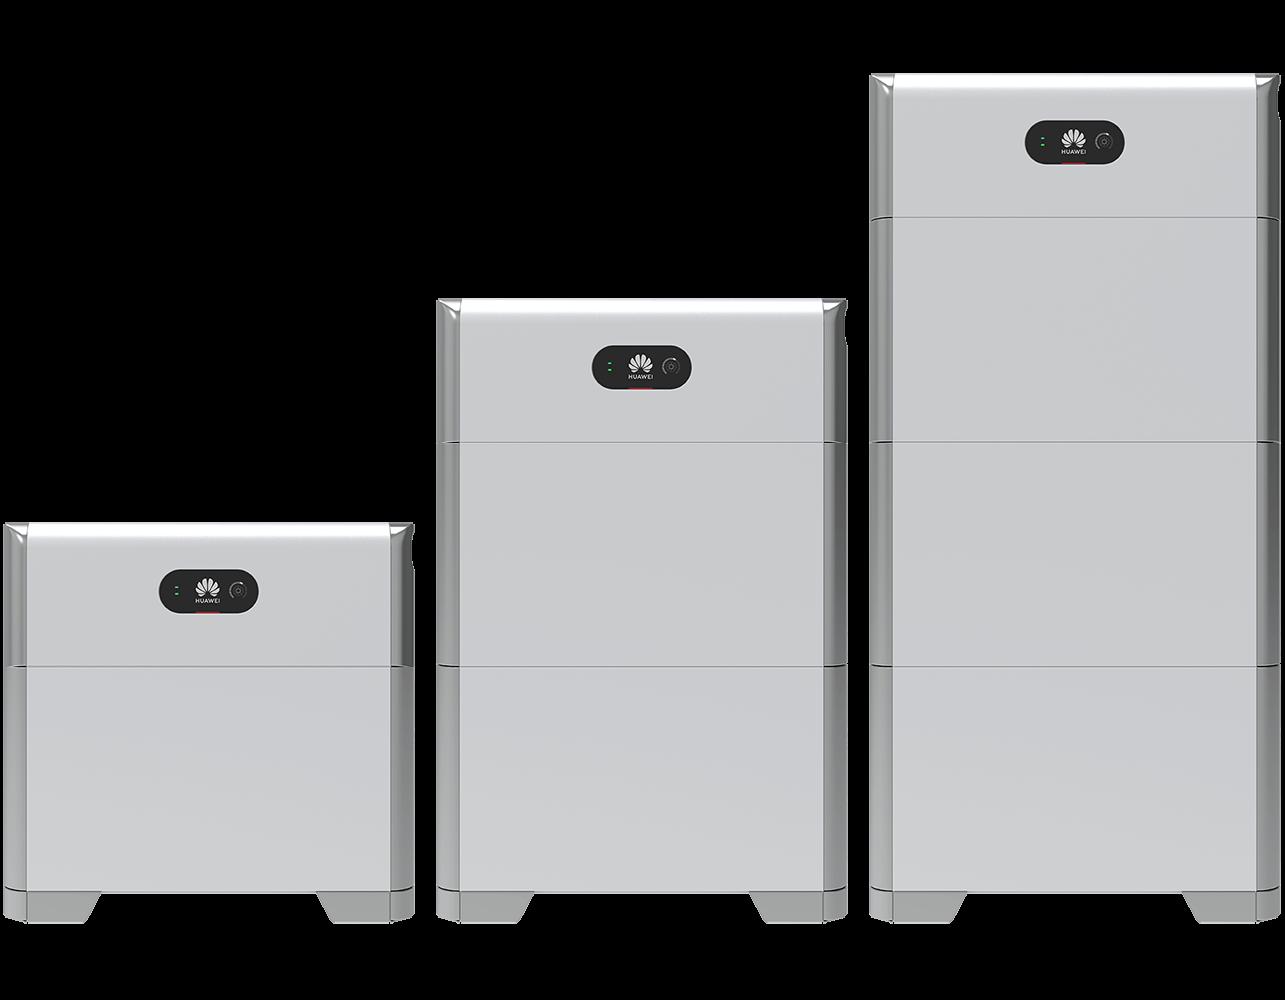 Huawei PV Lösungen von ske-solar.com